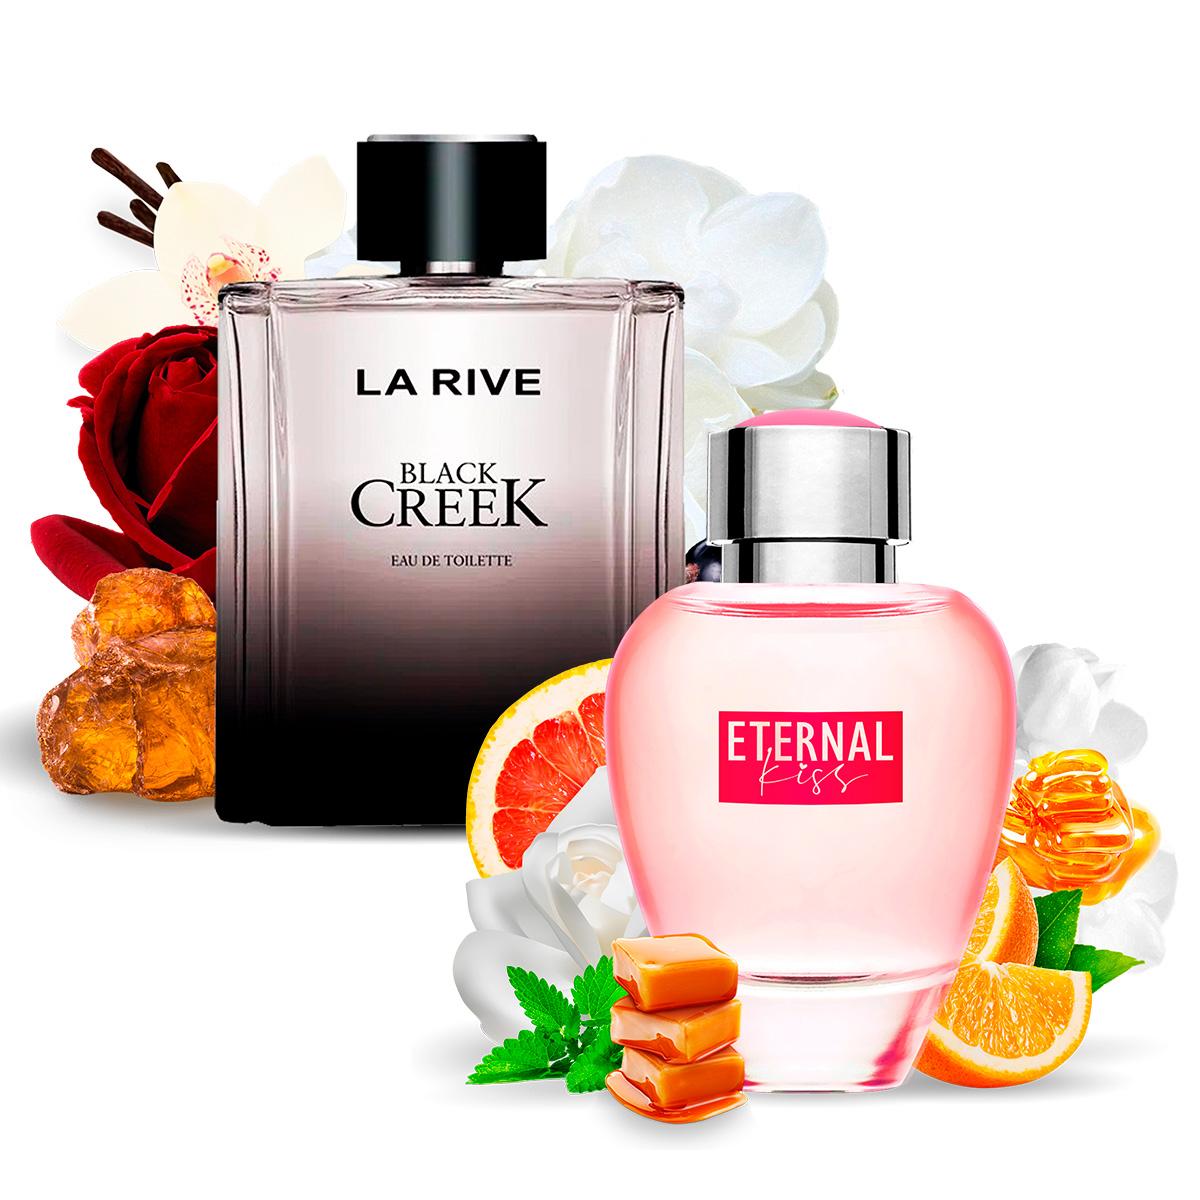 Kit 2 Perfumes Importados Black Creek e Eternal Kiss La Rive